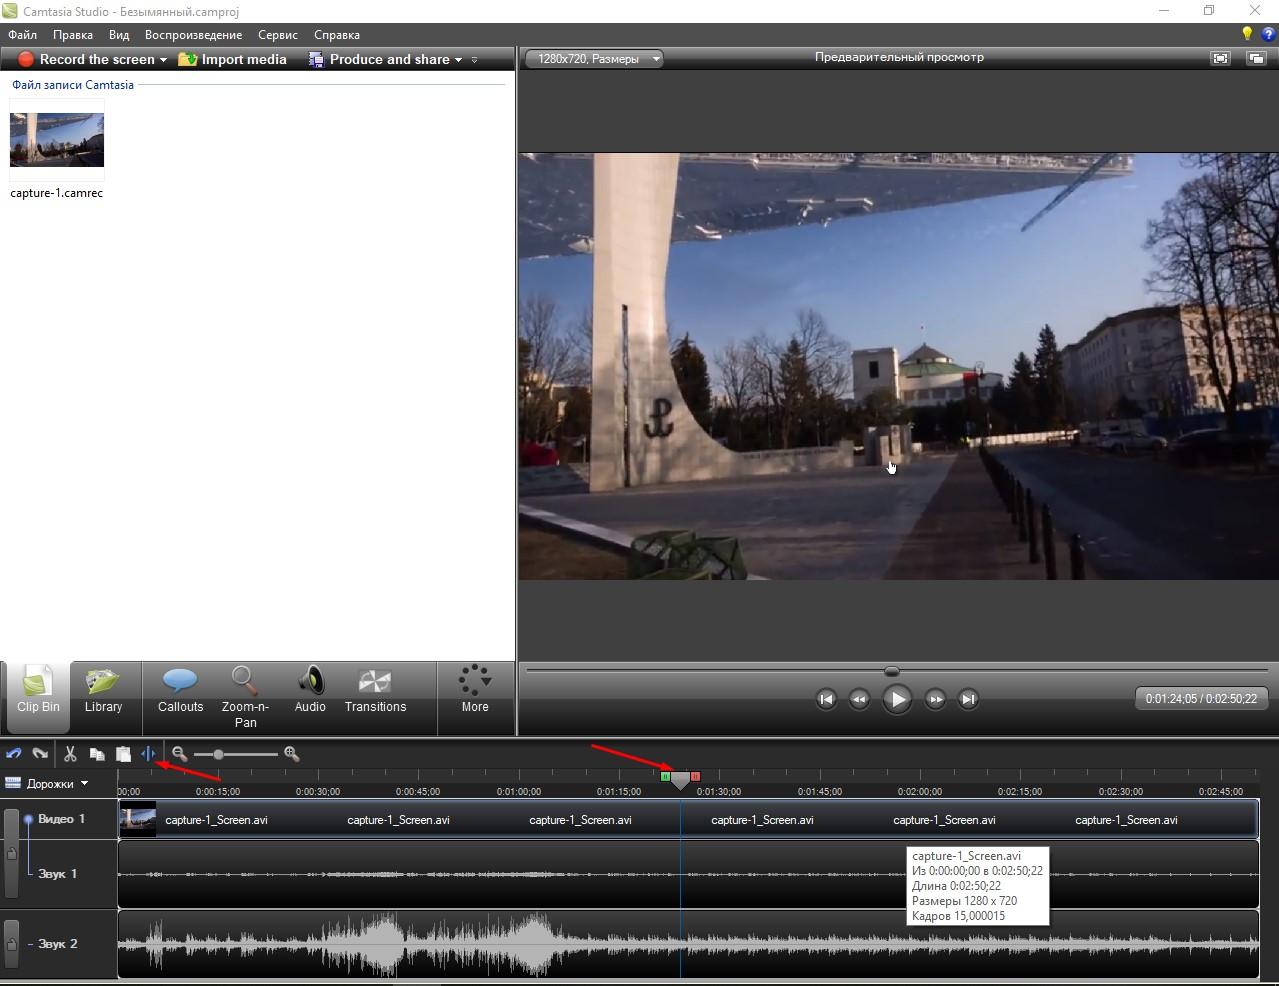 Перетягиваем скрол на момент окончания видео и отделяем лишний фрагмент